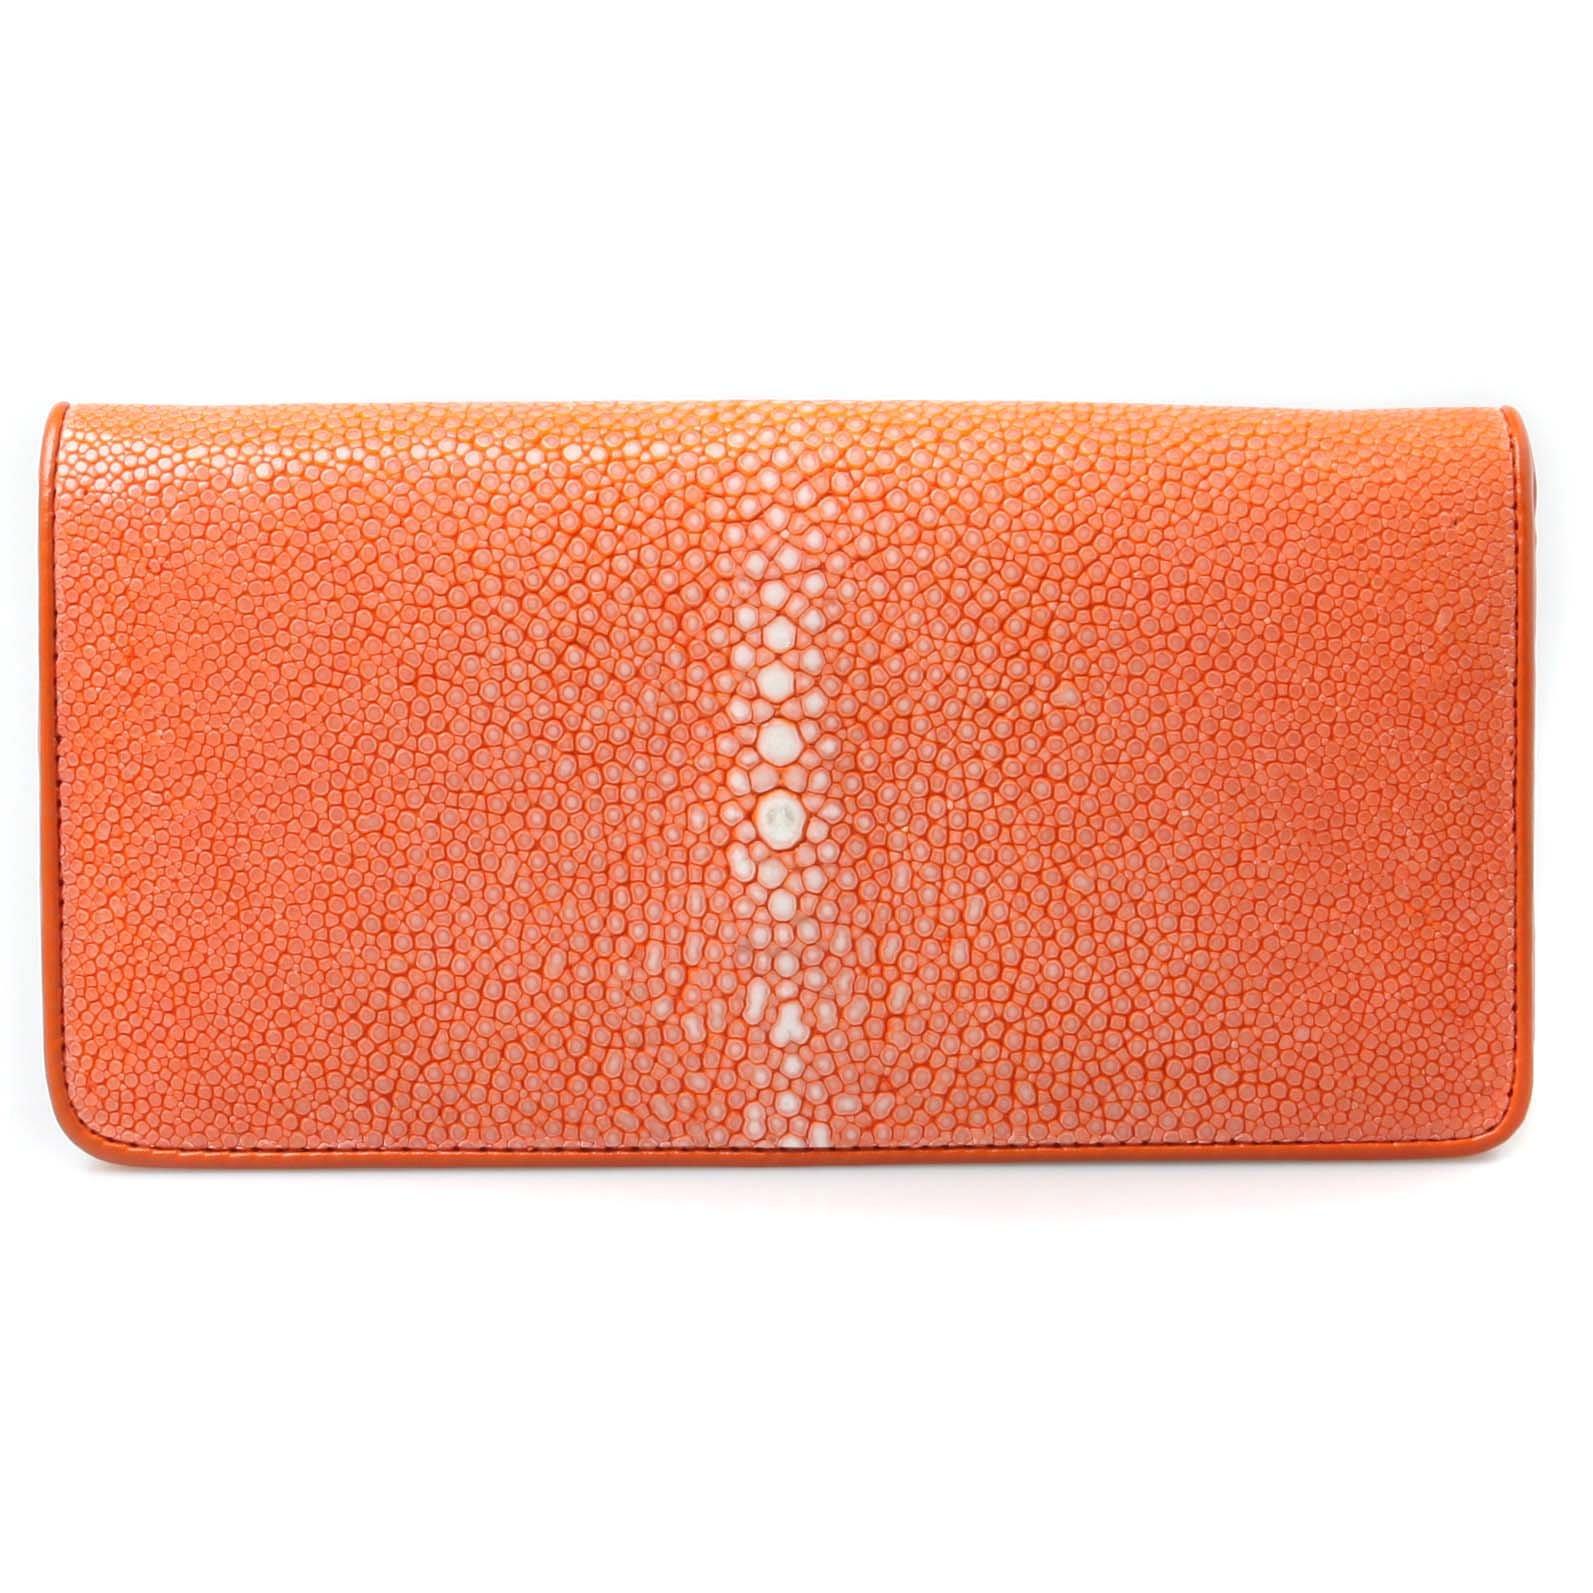 Genuine Polished Stingray Leather Orange Window ID Zip Bifold Women Purse Clutch